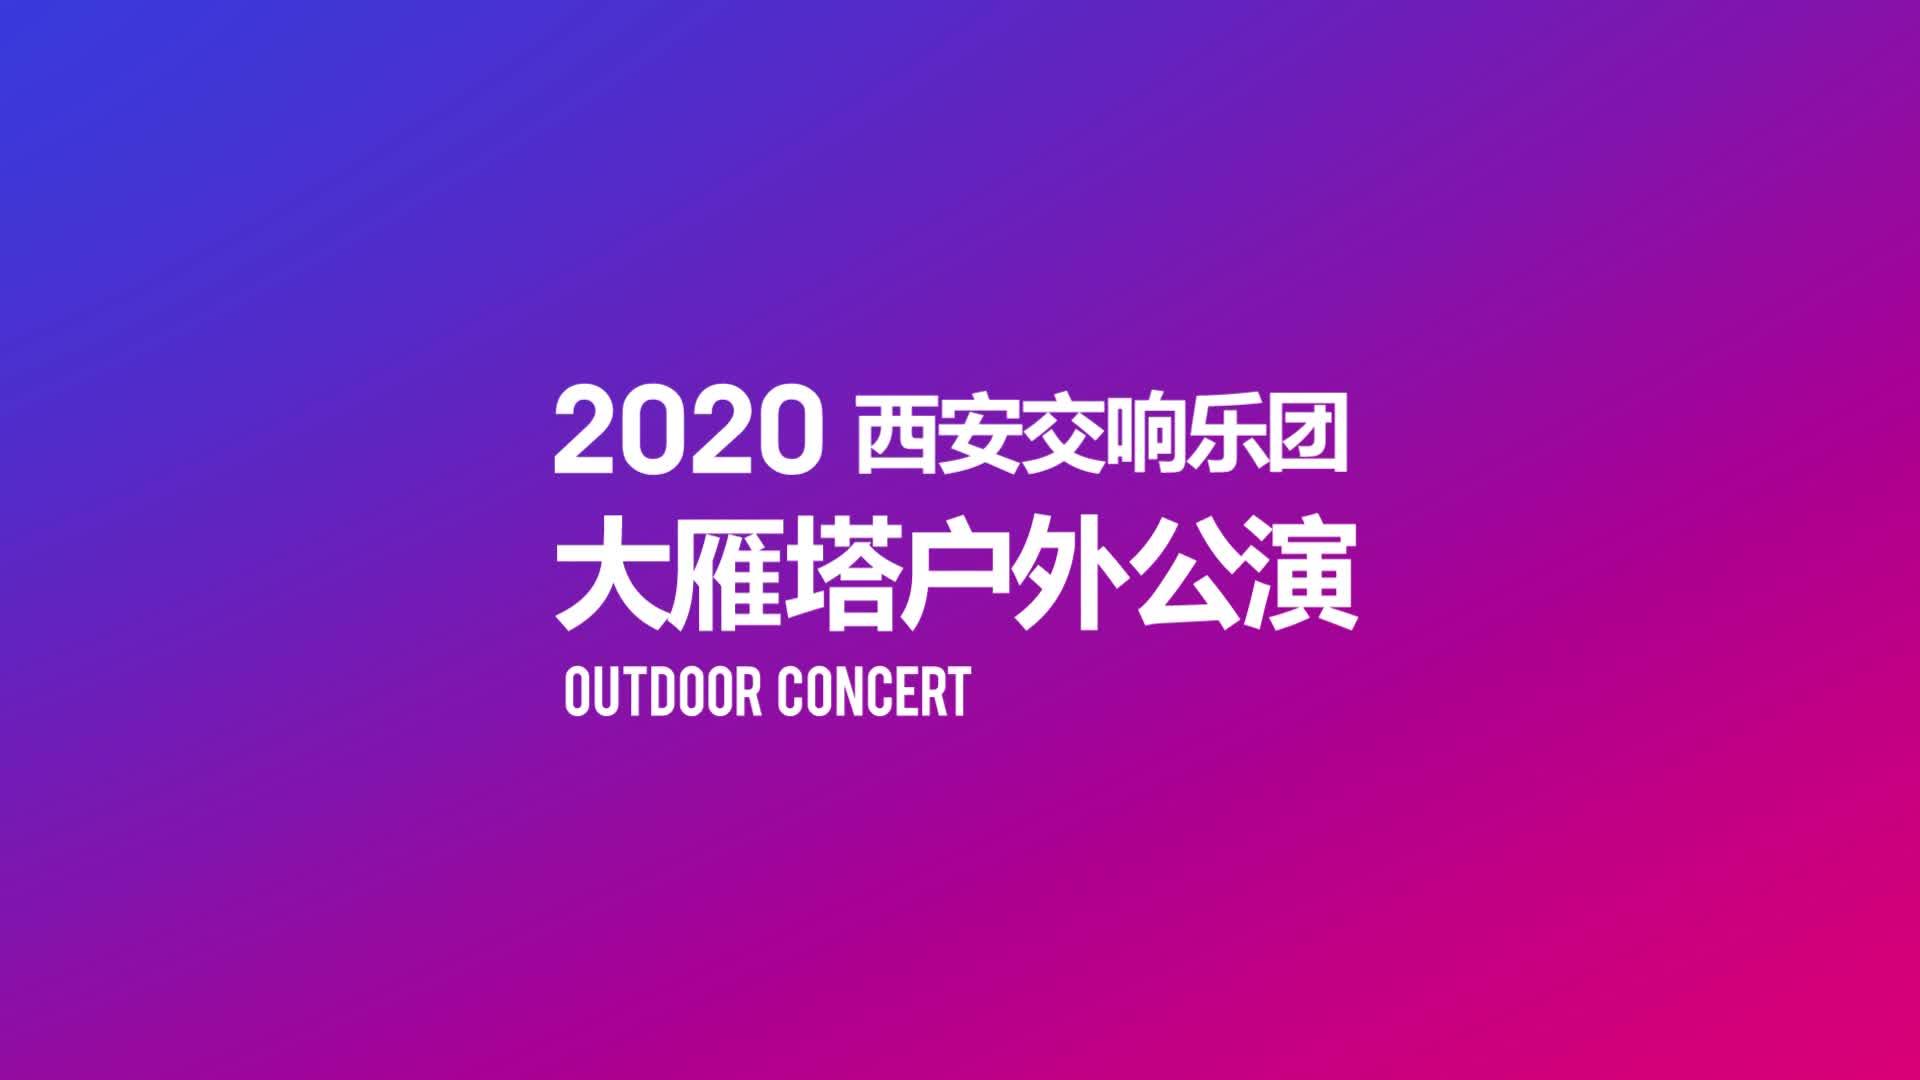 2020大雁塔户外公演